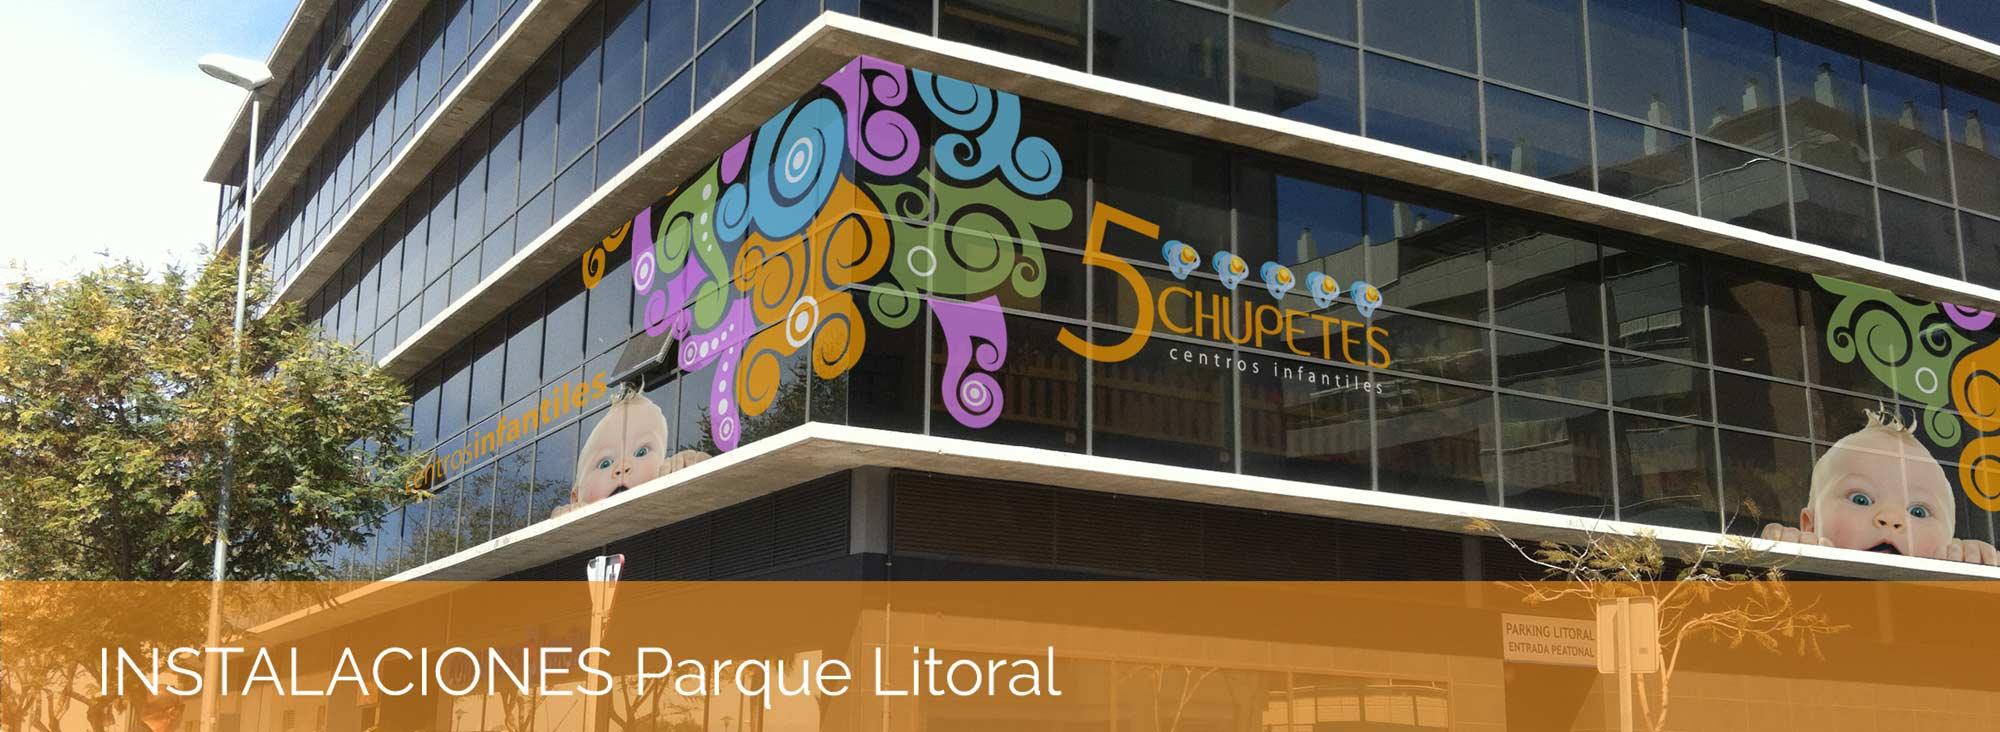 instalaciones-litoral1